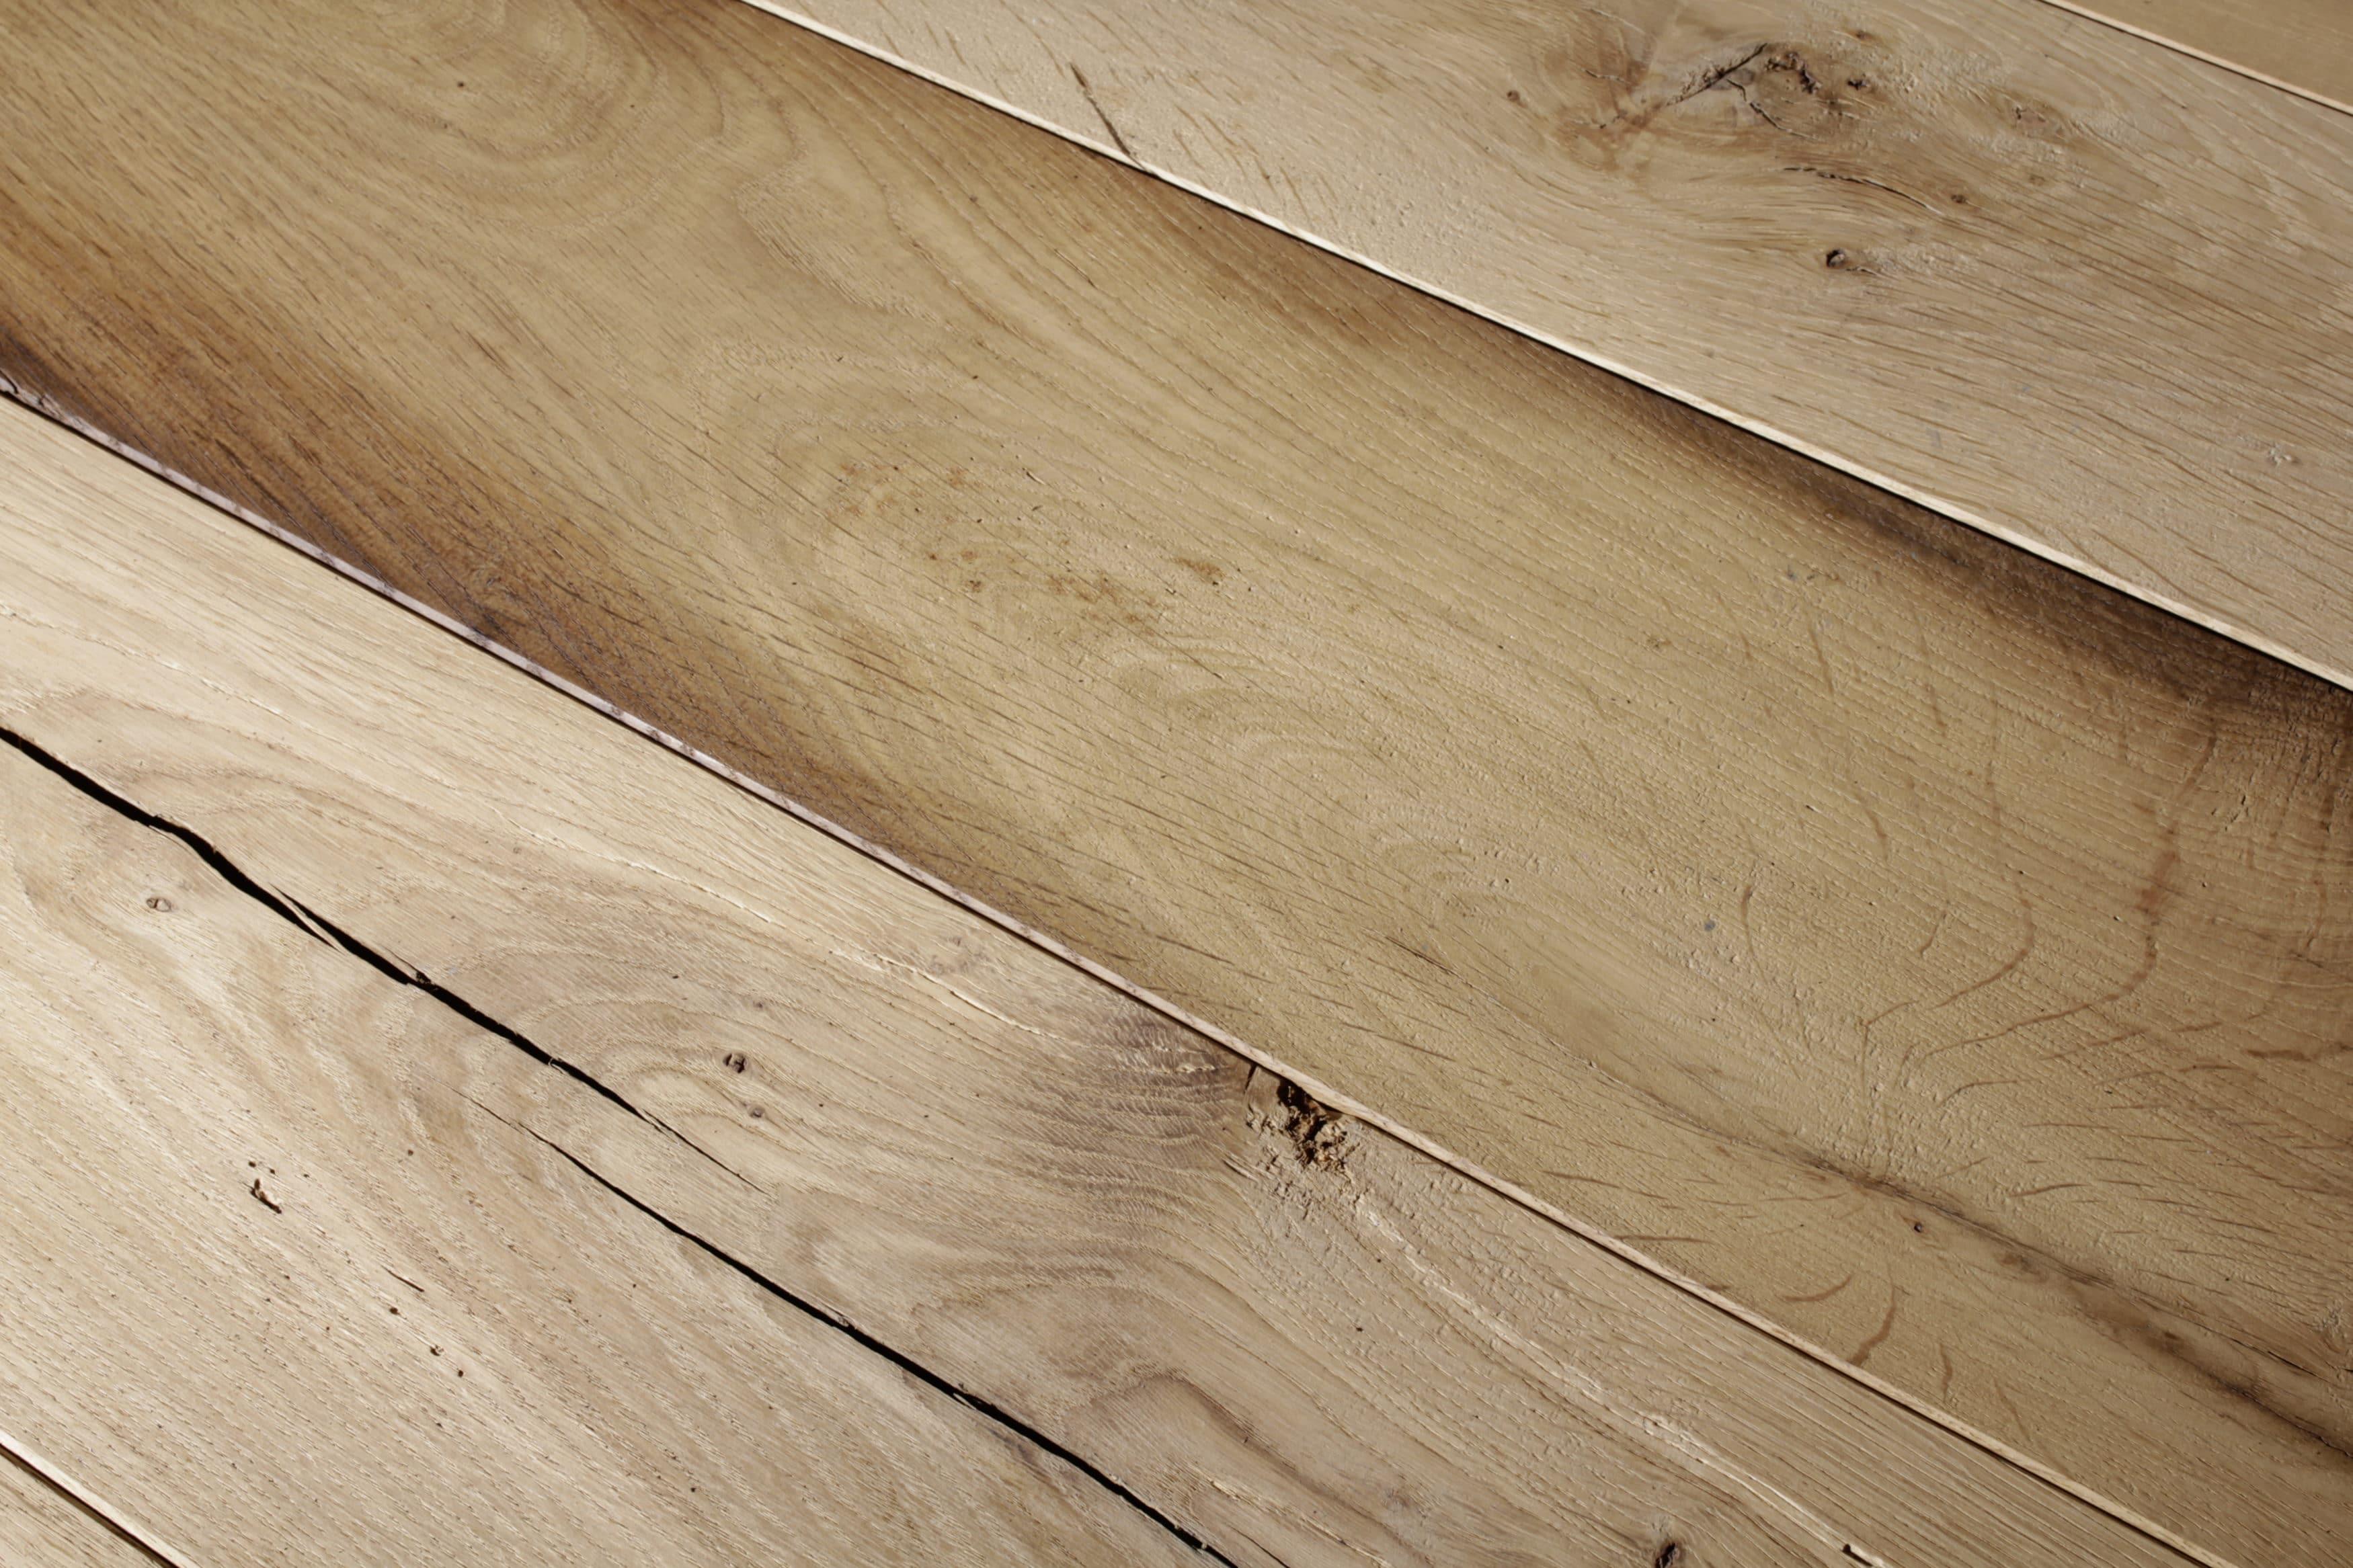 Rustikaler Holztisch für die Hochzeitstafel zu vermieten. Mietmöbel, Eventmöbel mieten.